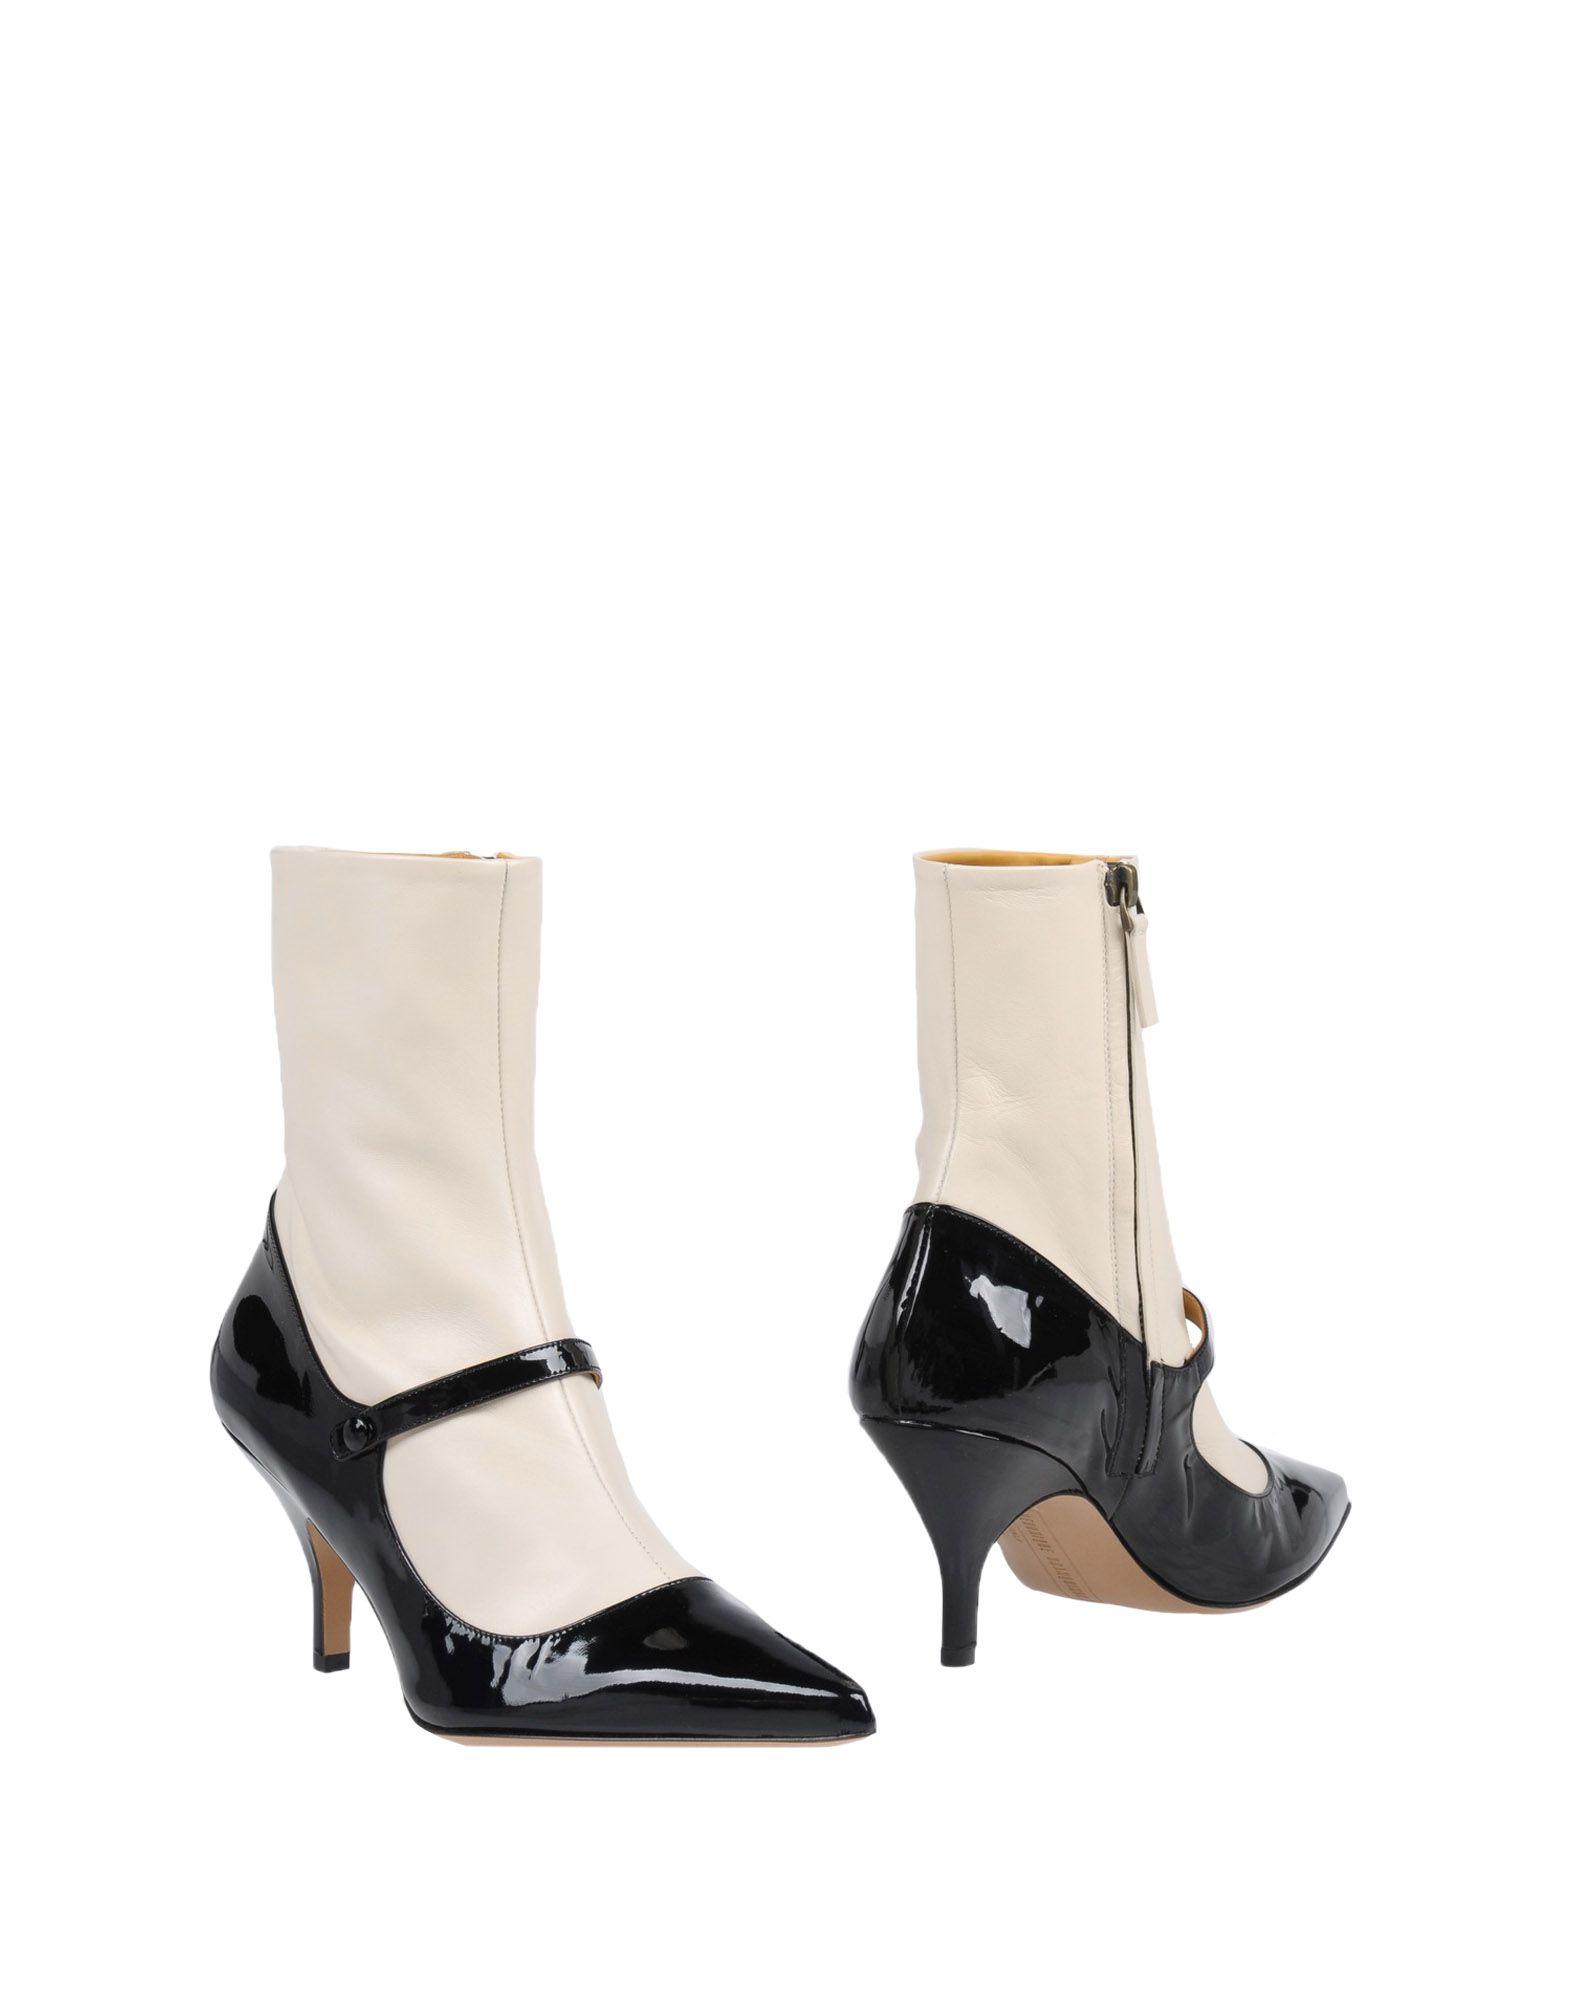 VERONIQUE BRANQUINHO Полусапоги и высокие ботинки veronique branquinho полусапоги и высокие ботинки page 8